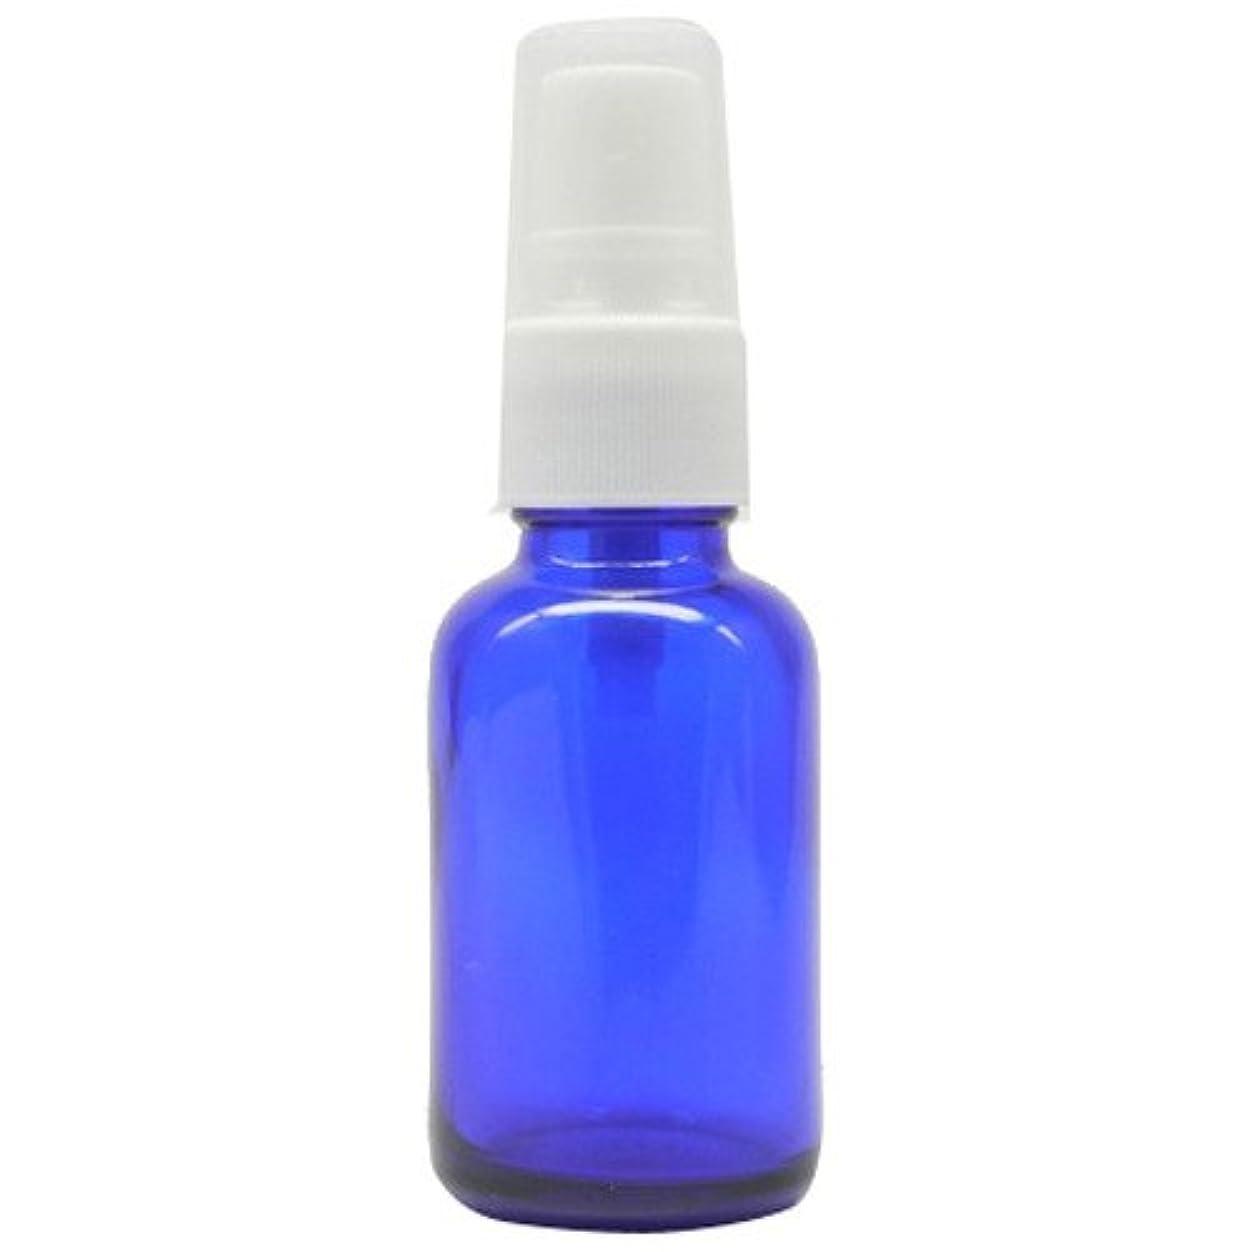 私たち最小化する素朴なアロマアンドライフ (D)ブルースプレー瓶30ml 3本セット